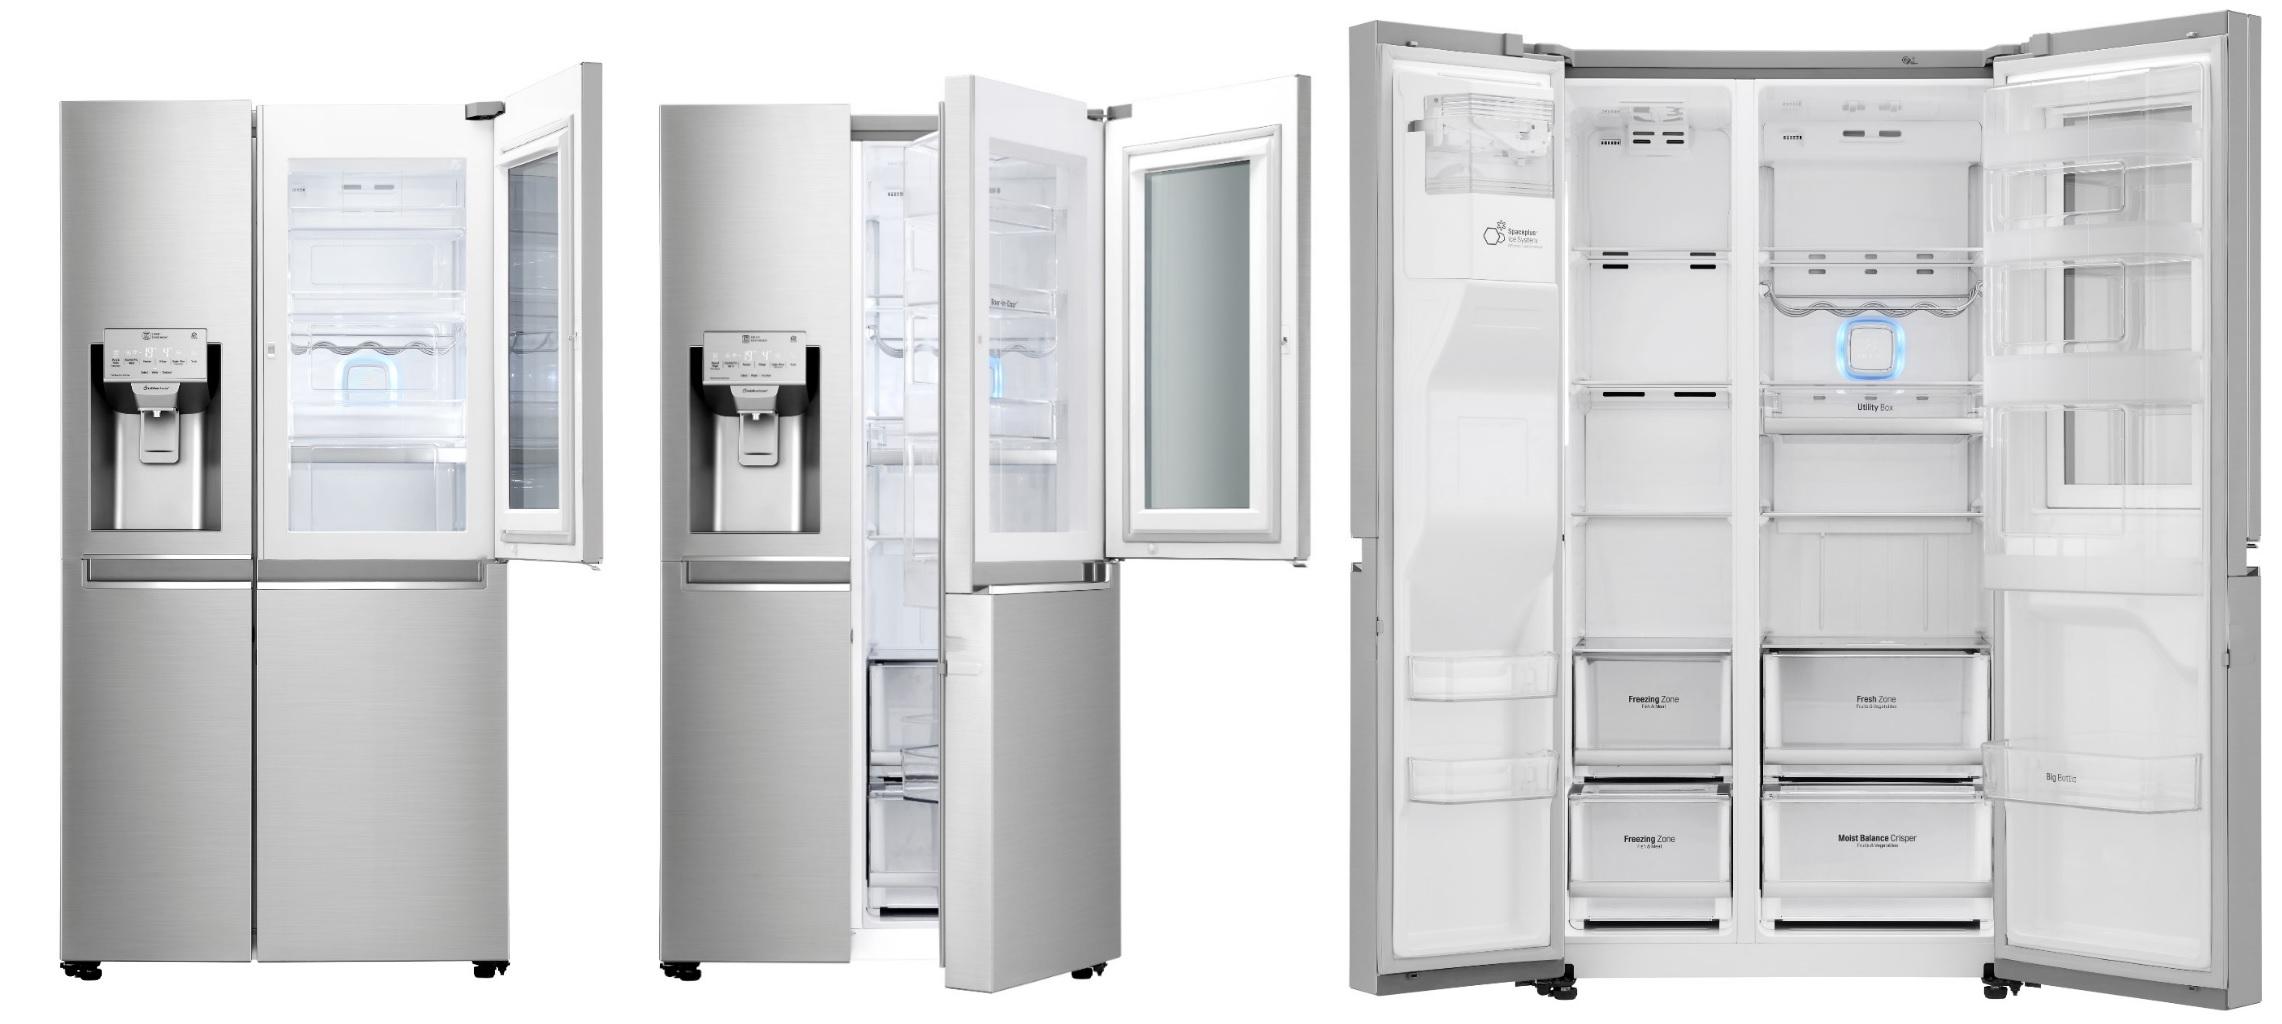 frigorífico LG instaview door in door